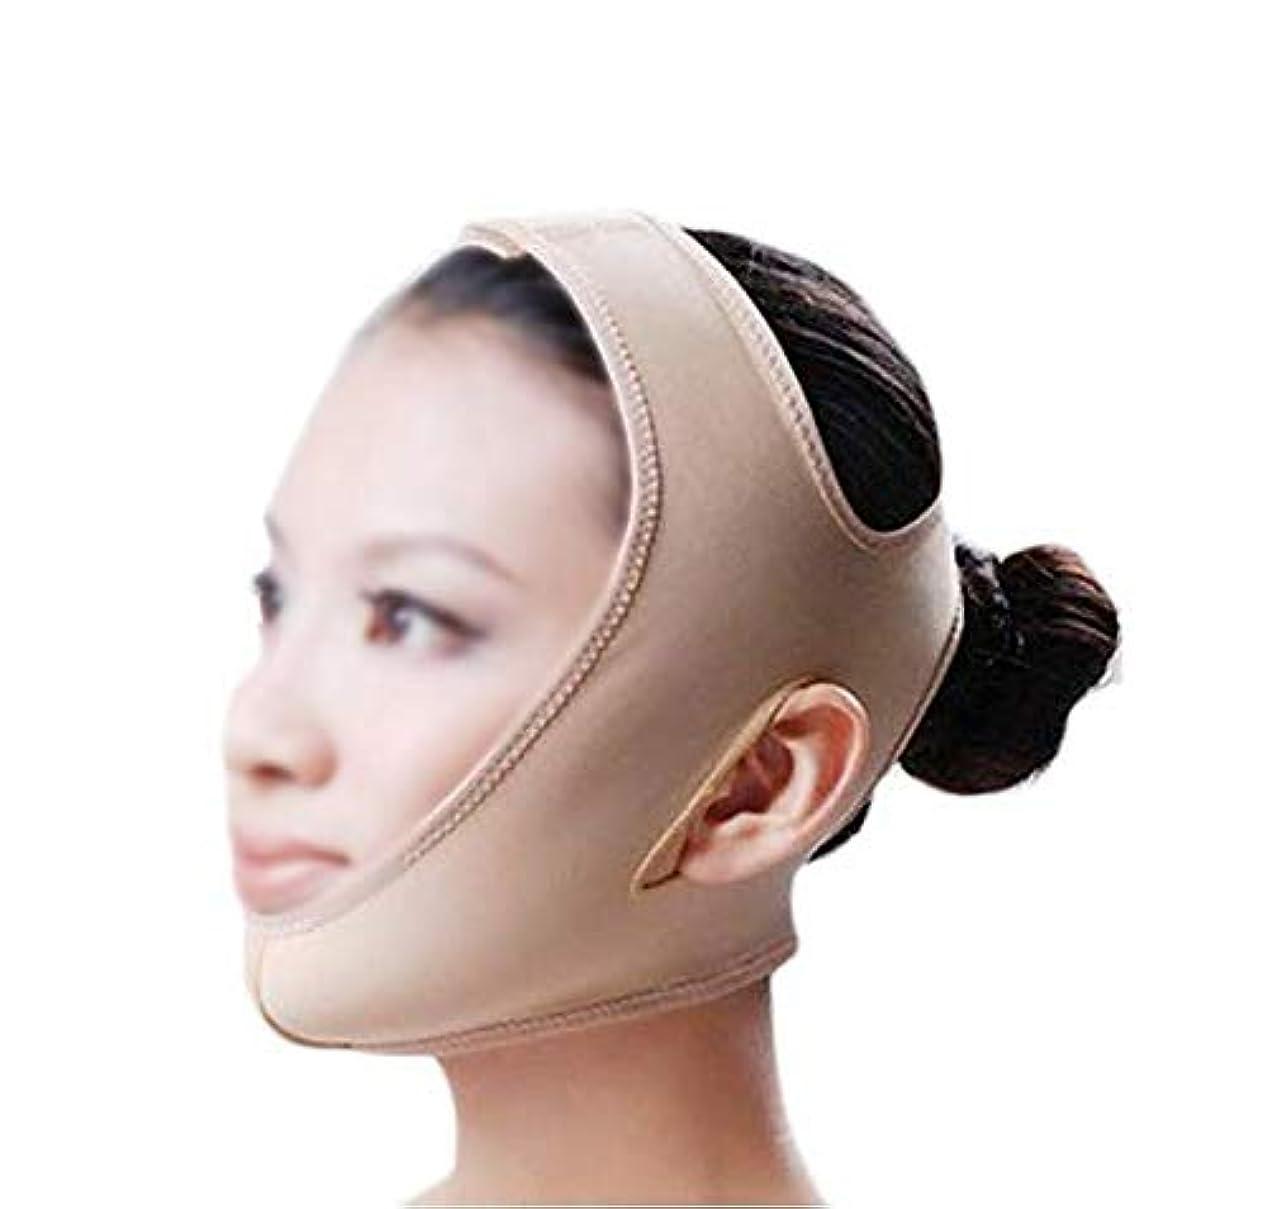 聴くエンジン無秩序GLJJQMY 引き締めマスクマスクフェイシャルマスク美容薬マスク美容V顔包帯ライン彫刻引き締めしっかりした二重あごマスク 顔用整形マスク (Size : M)